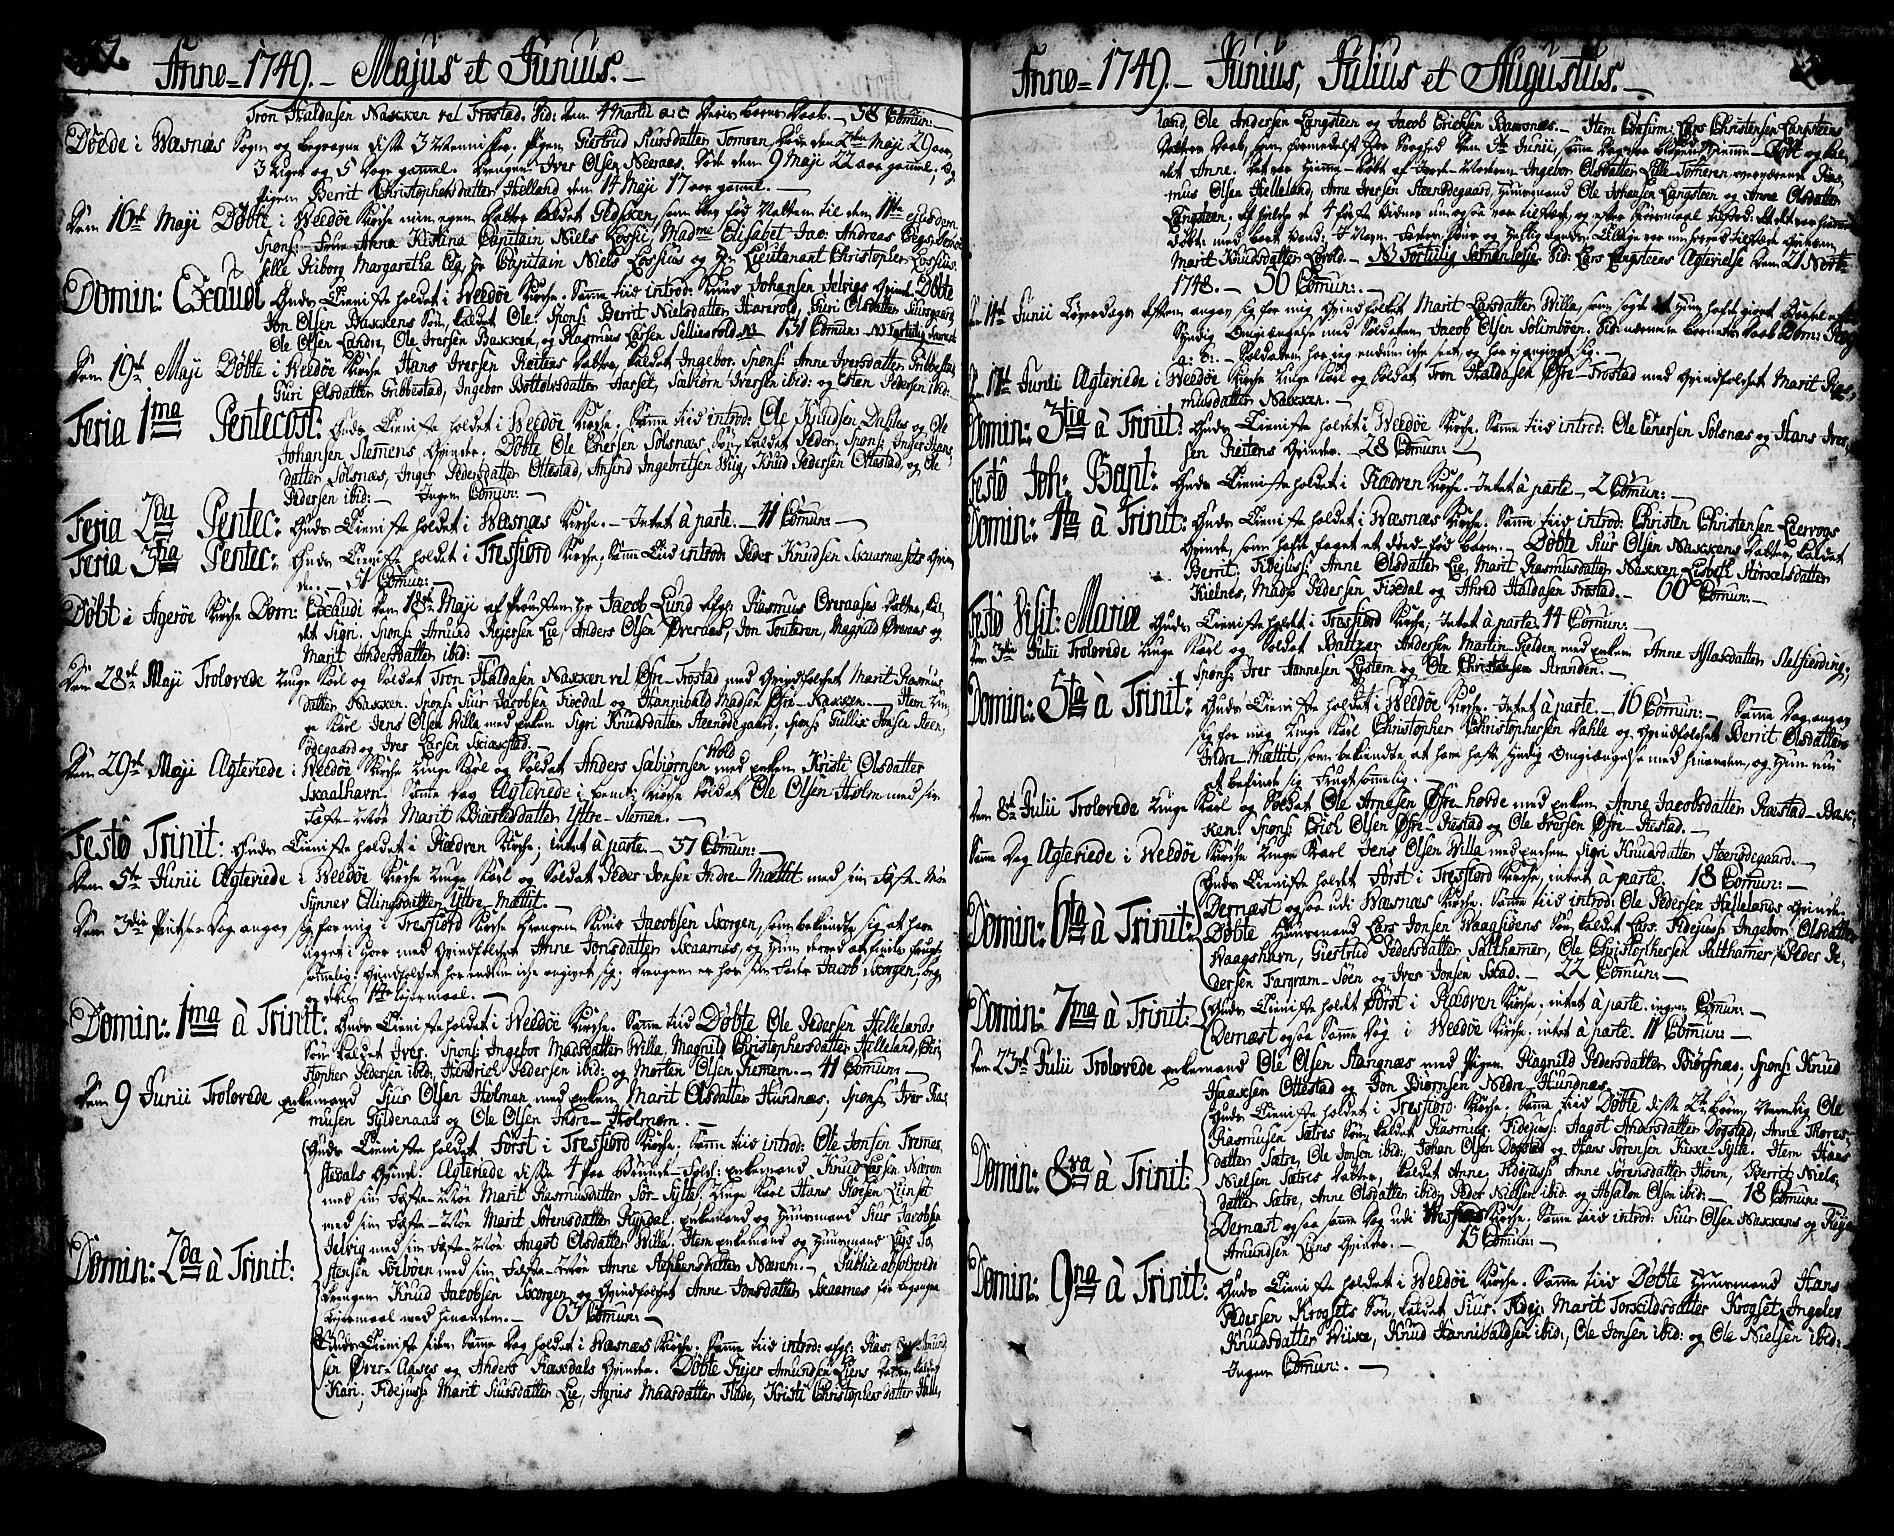 SAT, Ministerialprotokoller, klokkerbøker og fødselsregistre - Møre og Romsdal, 547/L0599: Ministerialbok nr. 547A01, 1721-1764, s. 316-317